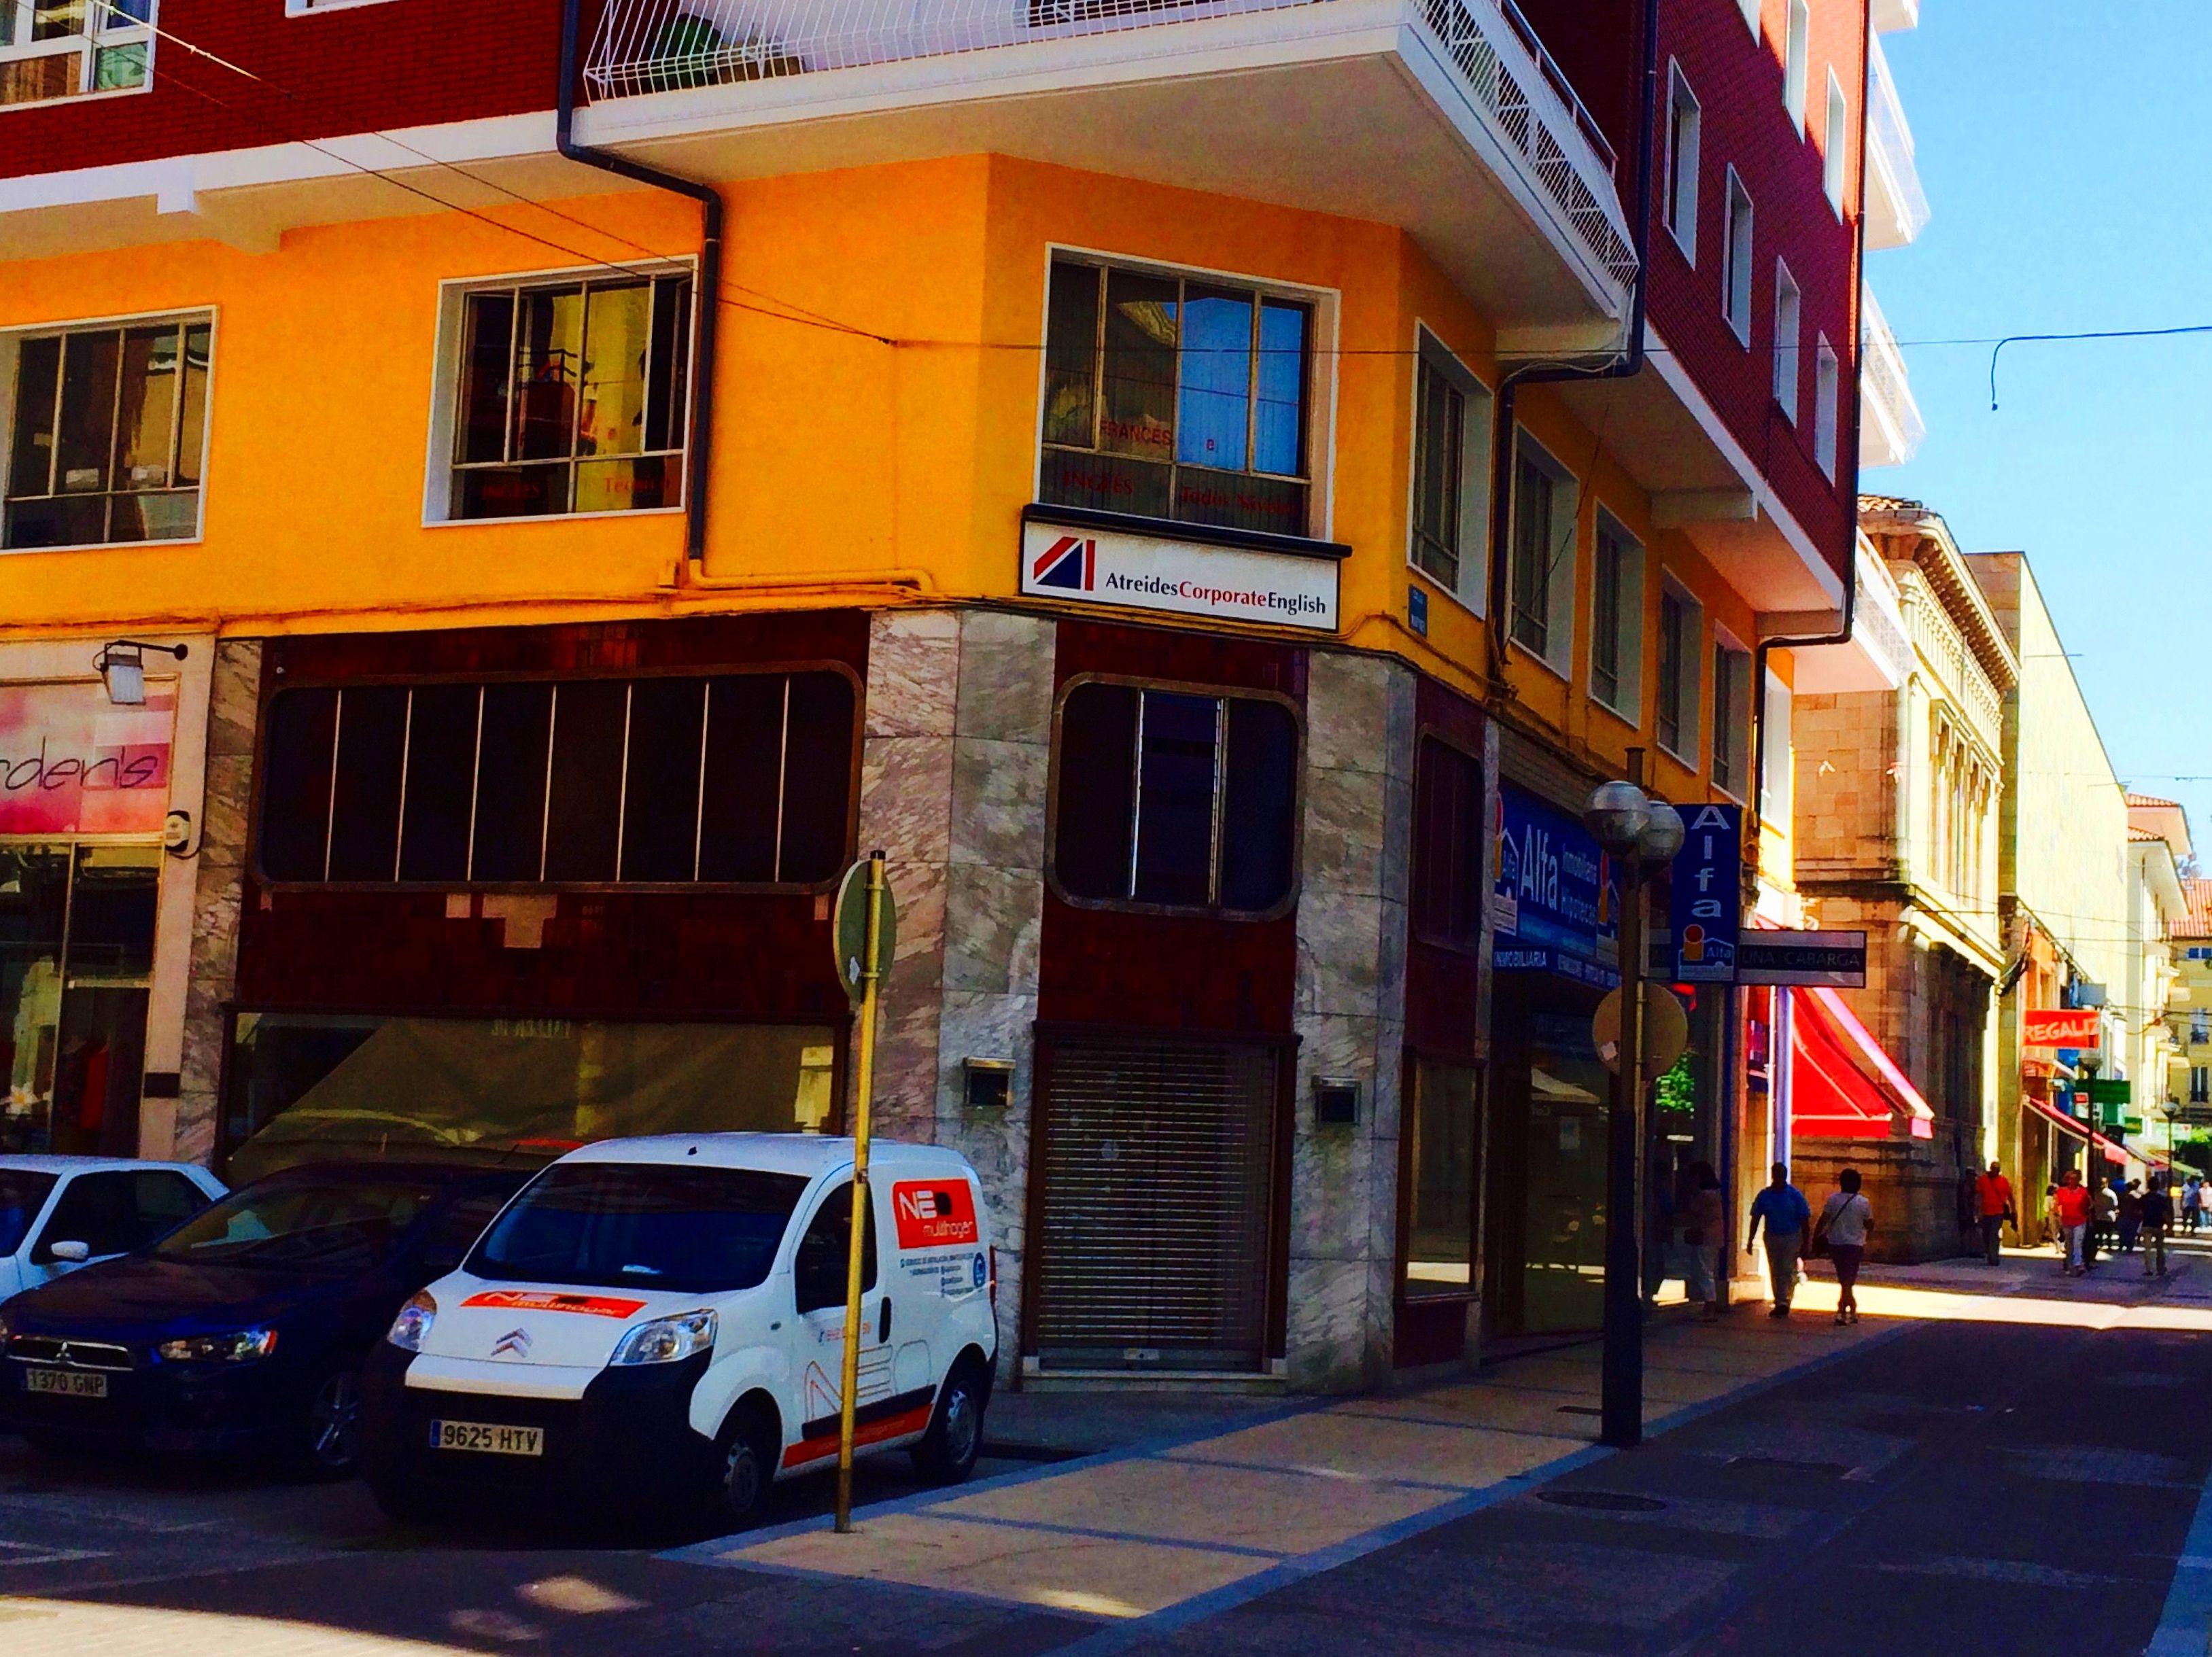 Foto 5 de Academias de idiomas en Torrelavega | Atreides Corporate